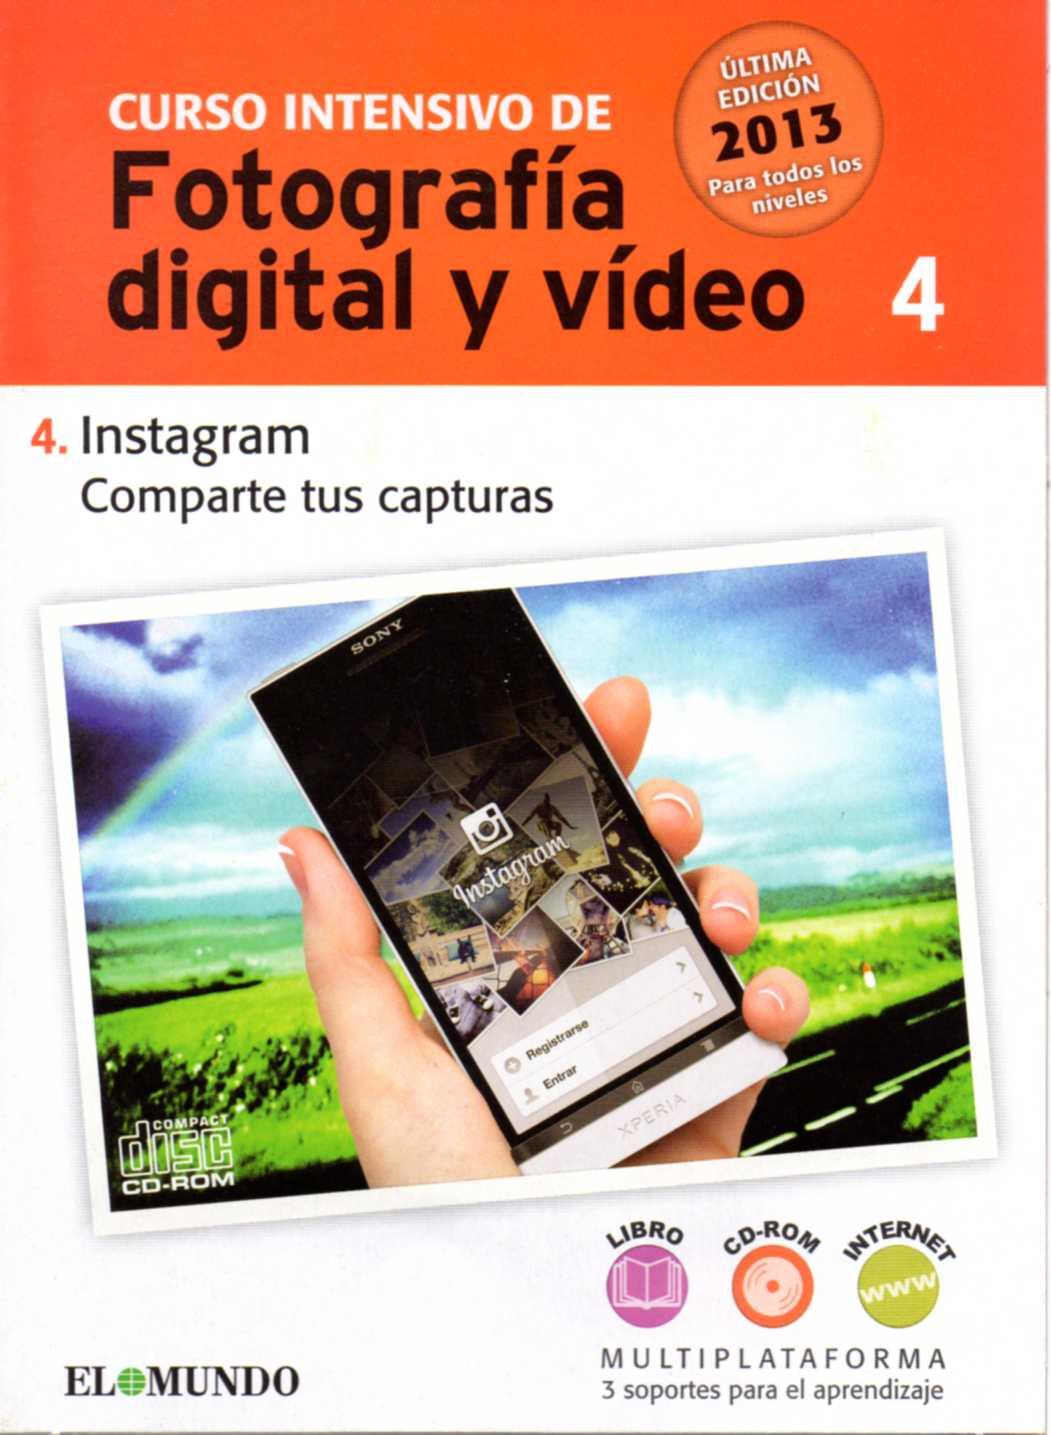 CURSO INTENSIVO DE FOTOGRAFÍA DIGITAL Y VÍDEO. CD-ROM nº 4: Instagram. Comparte tus capturas.